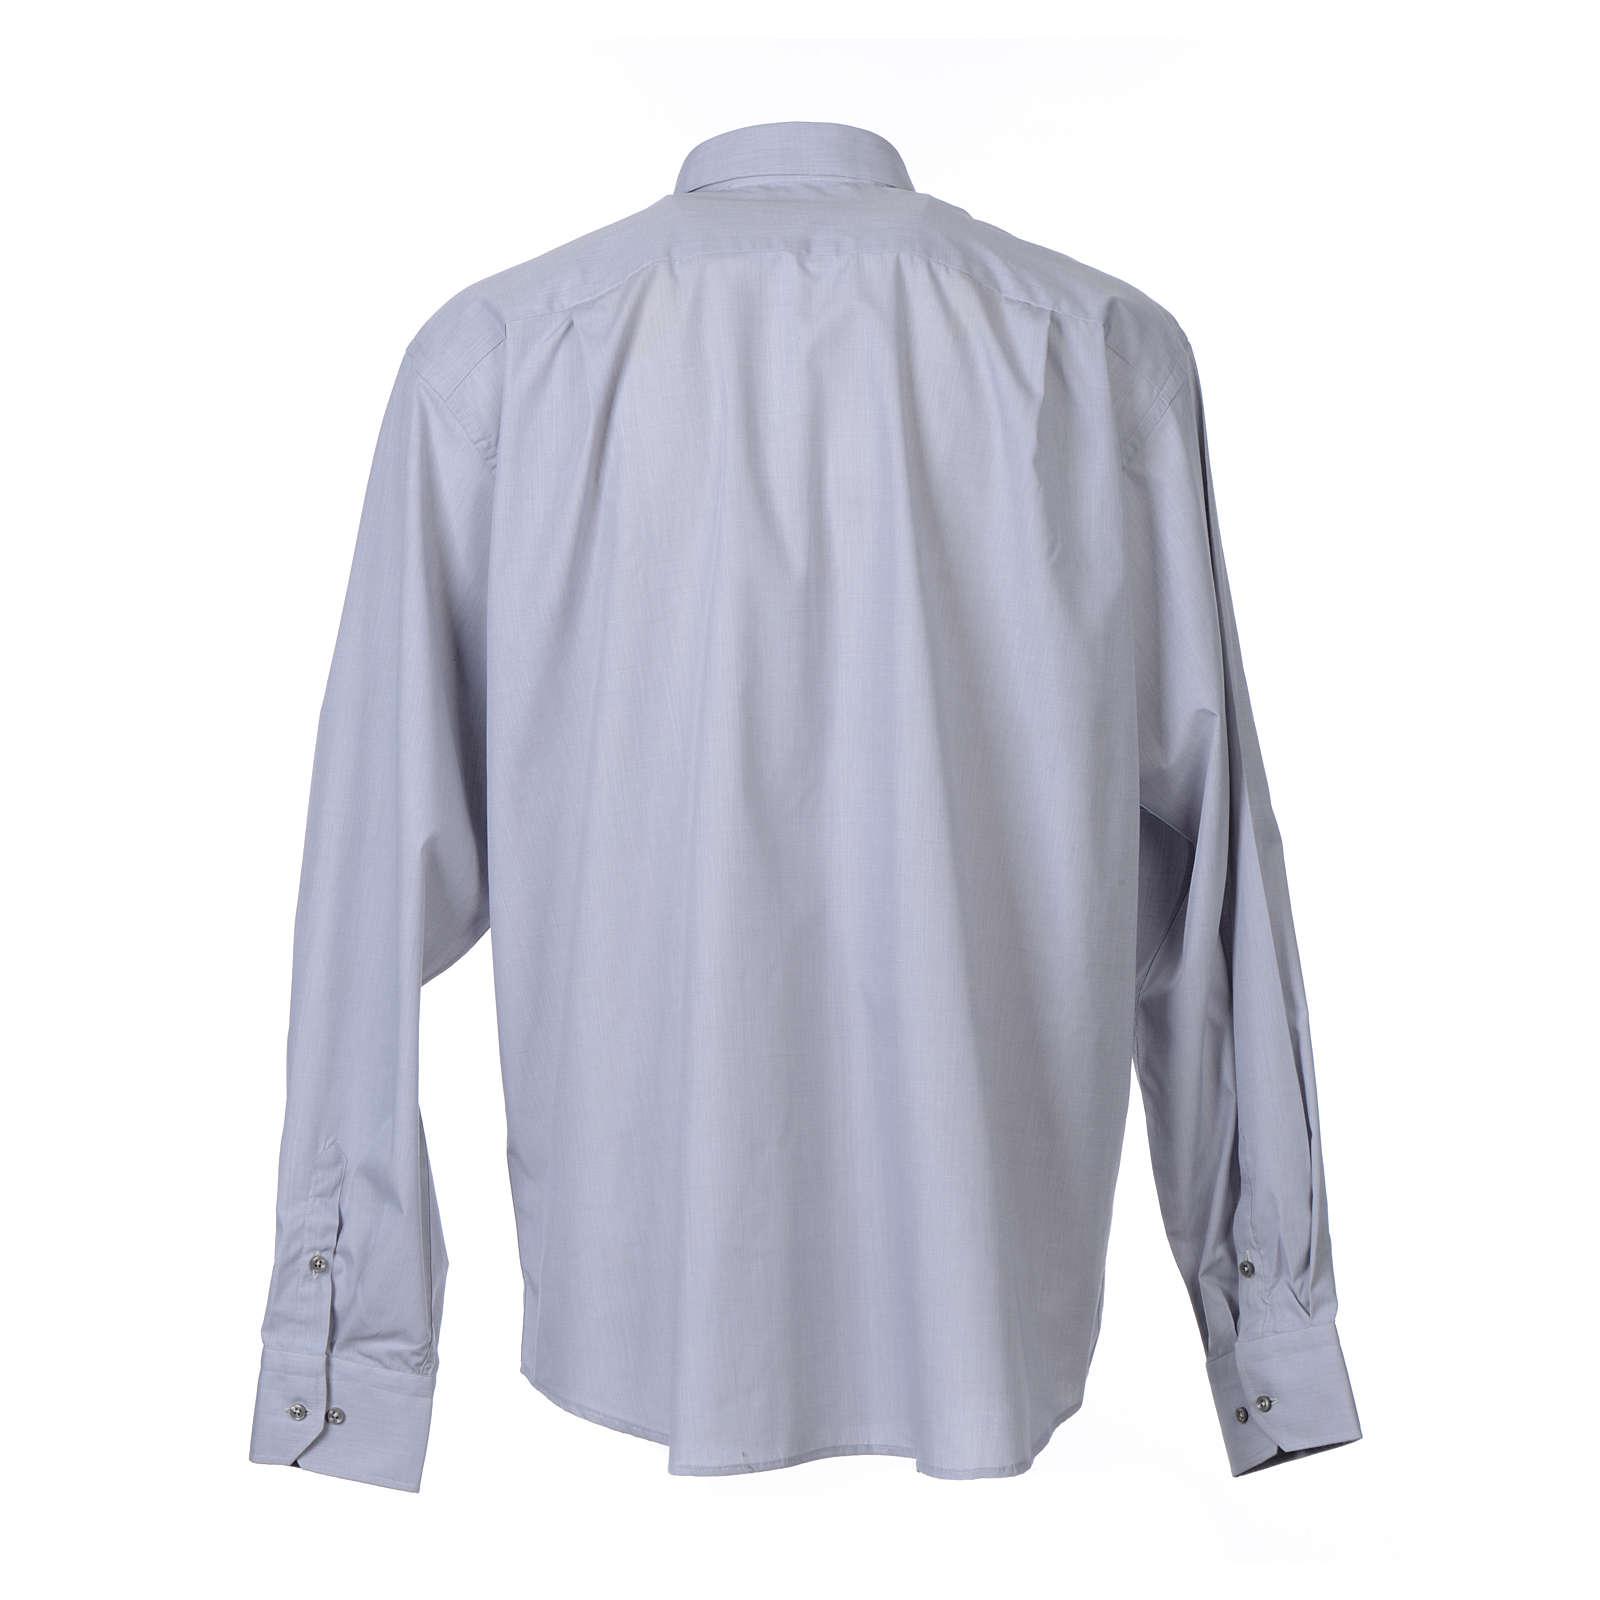 Collarhemd mit Langarm aus Fil-à-Fil-Baumwollmischung in der Farbe Hellgrau 4